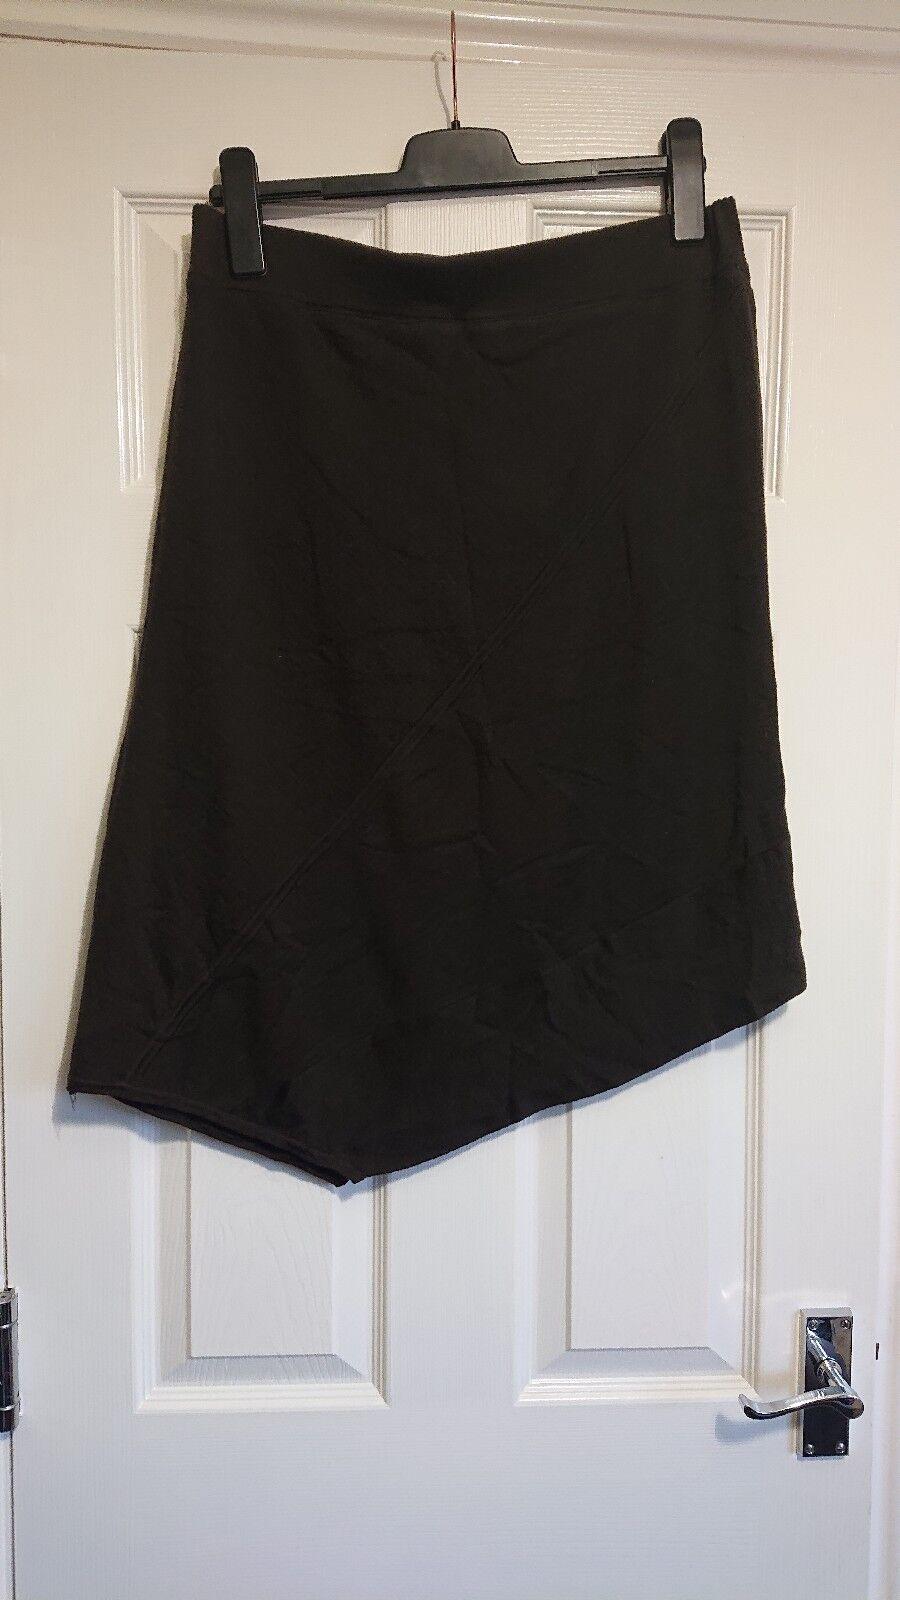 NITYA Merino Wool Brown Skirt Size 44 Autumn Winter Lagenlook Waist 32 -40